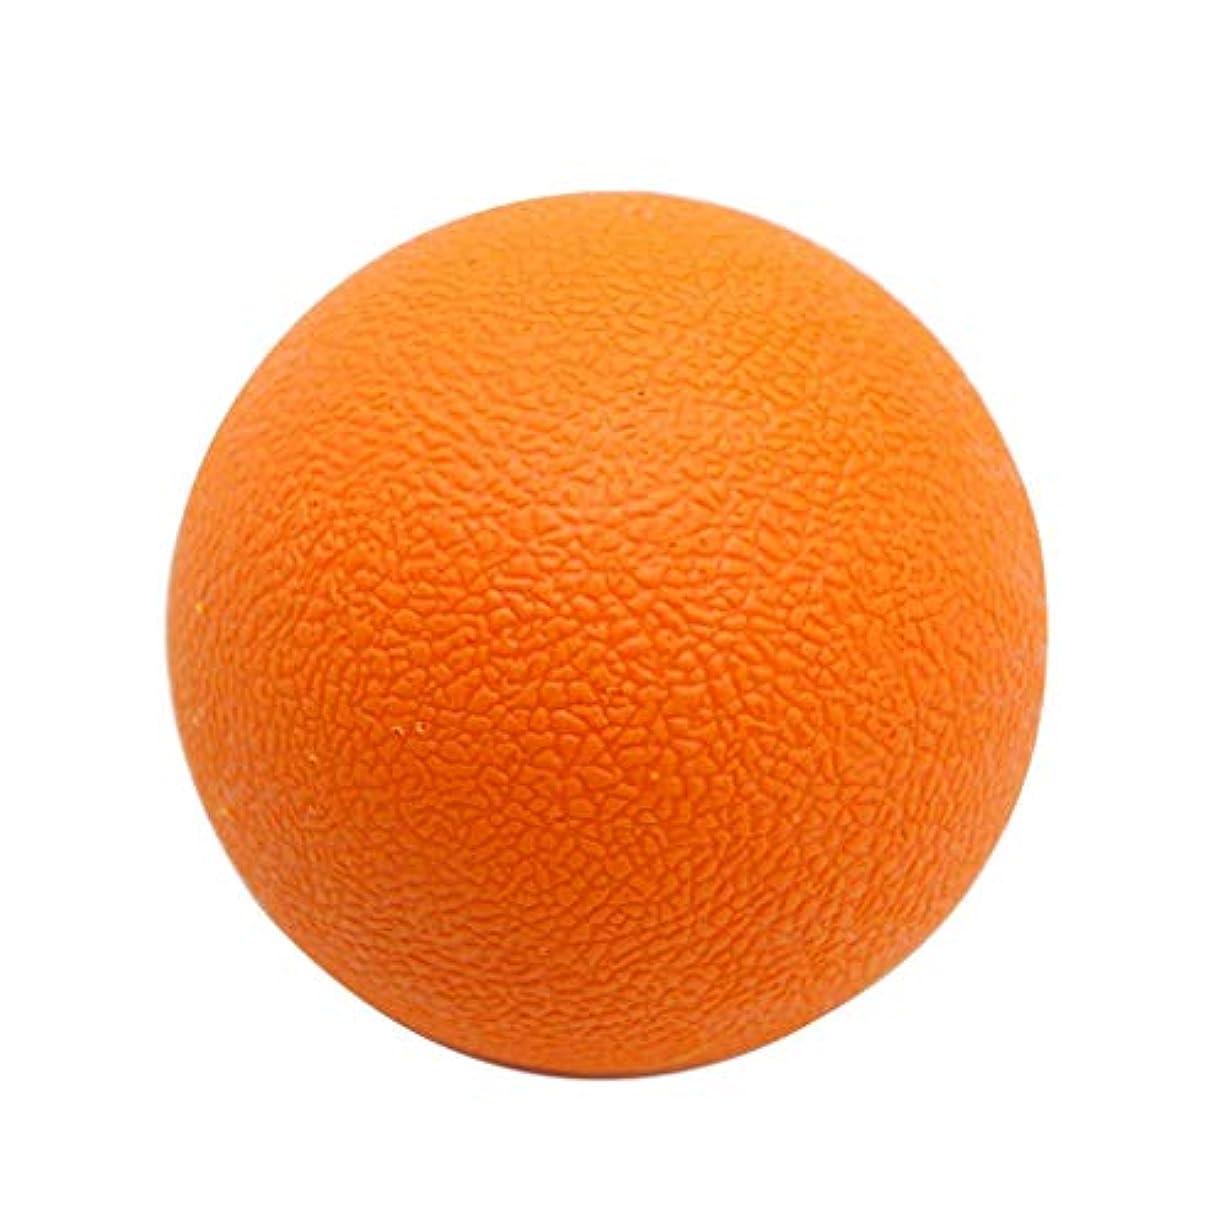 プレゼンぼかすレオナルドダラクロスボール マッサージボール トリガーポイント 筋膜リリース 背中 首 ツボ押しグッズ オレンジ